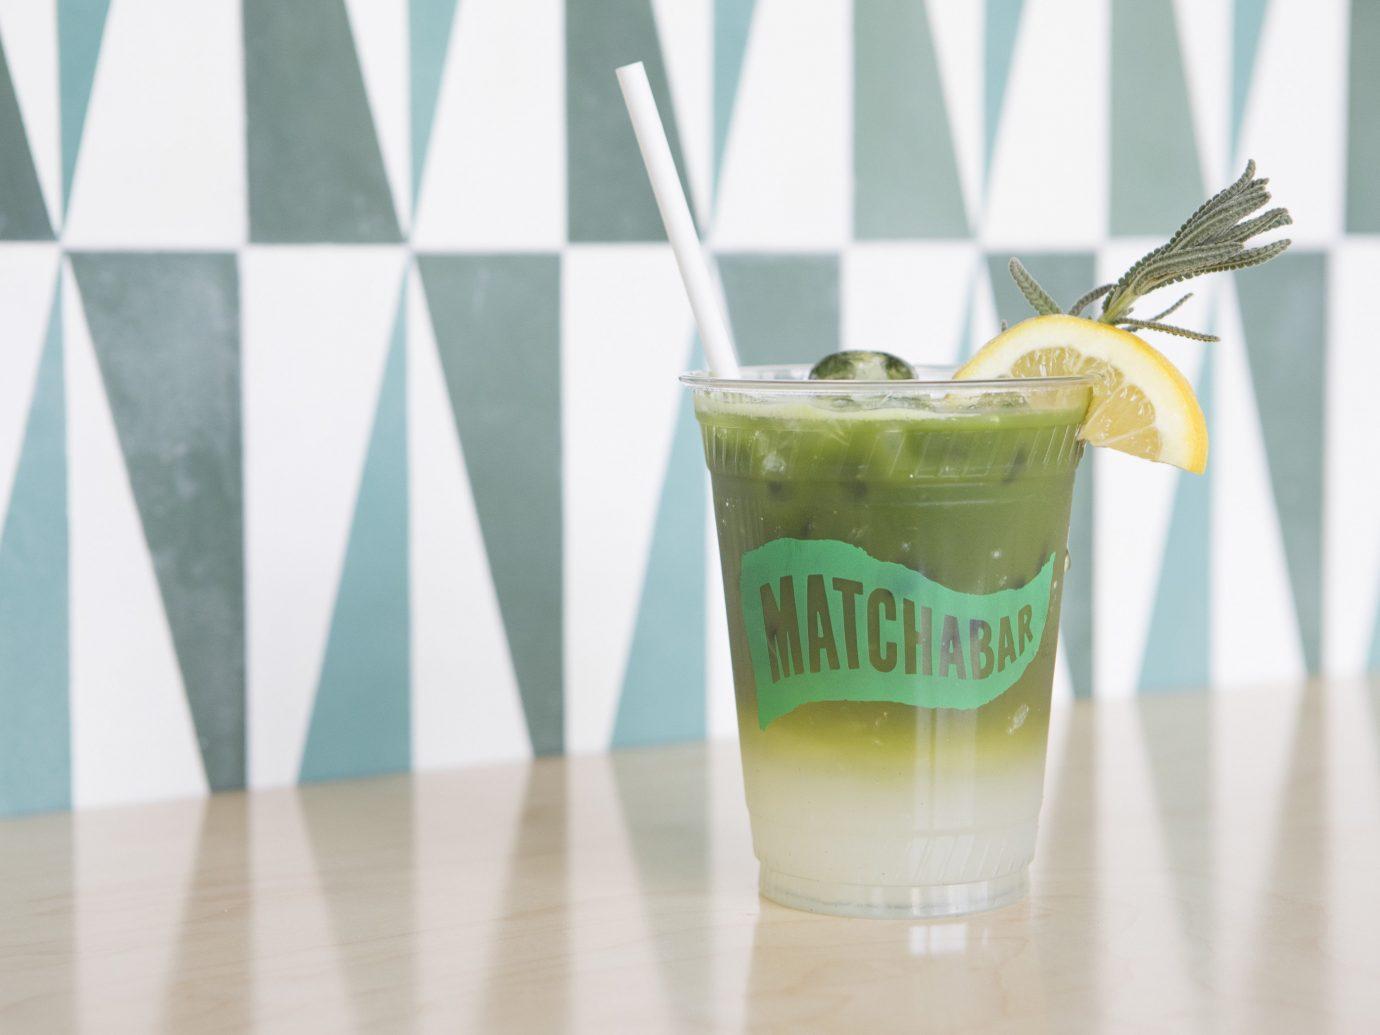 cup table food Drink green beverage cocktail liqueur brand distilled beverage fruit drink glass